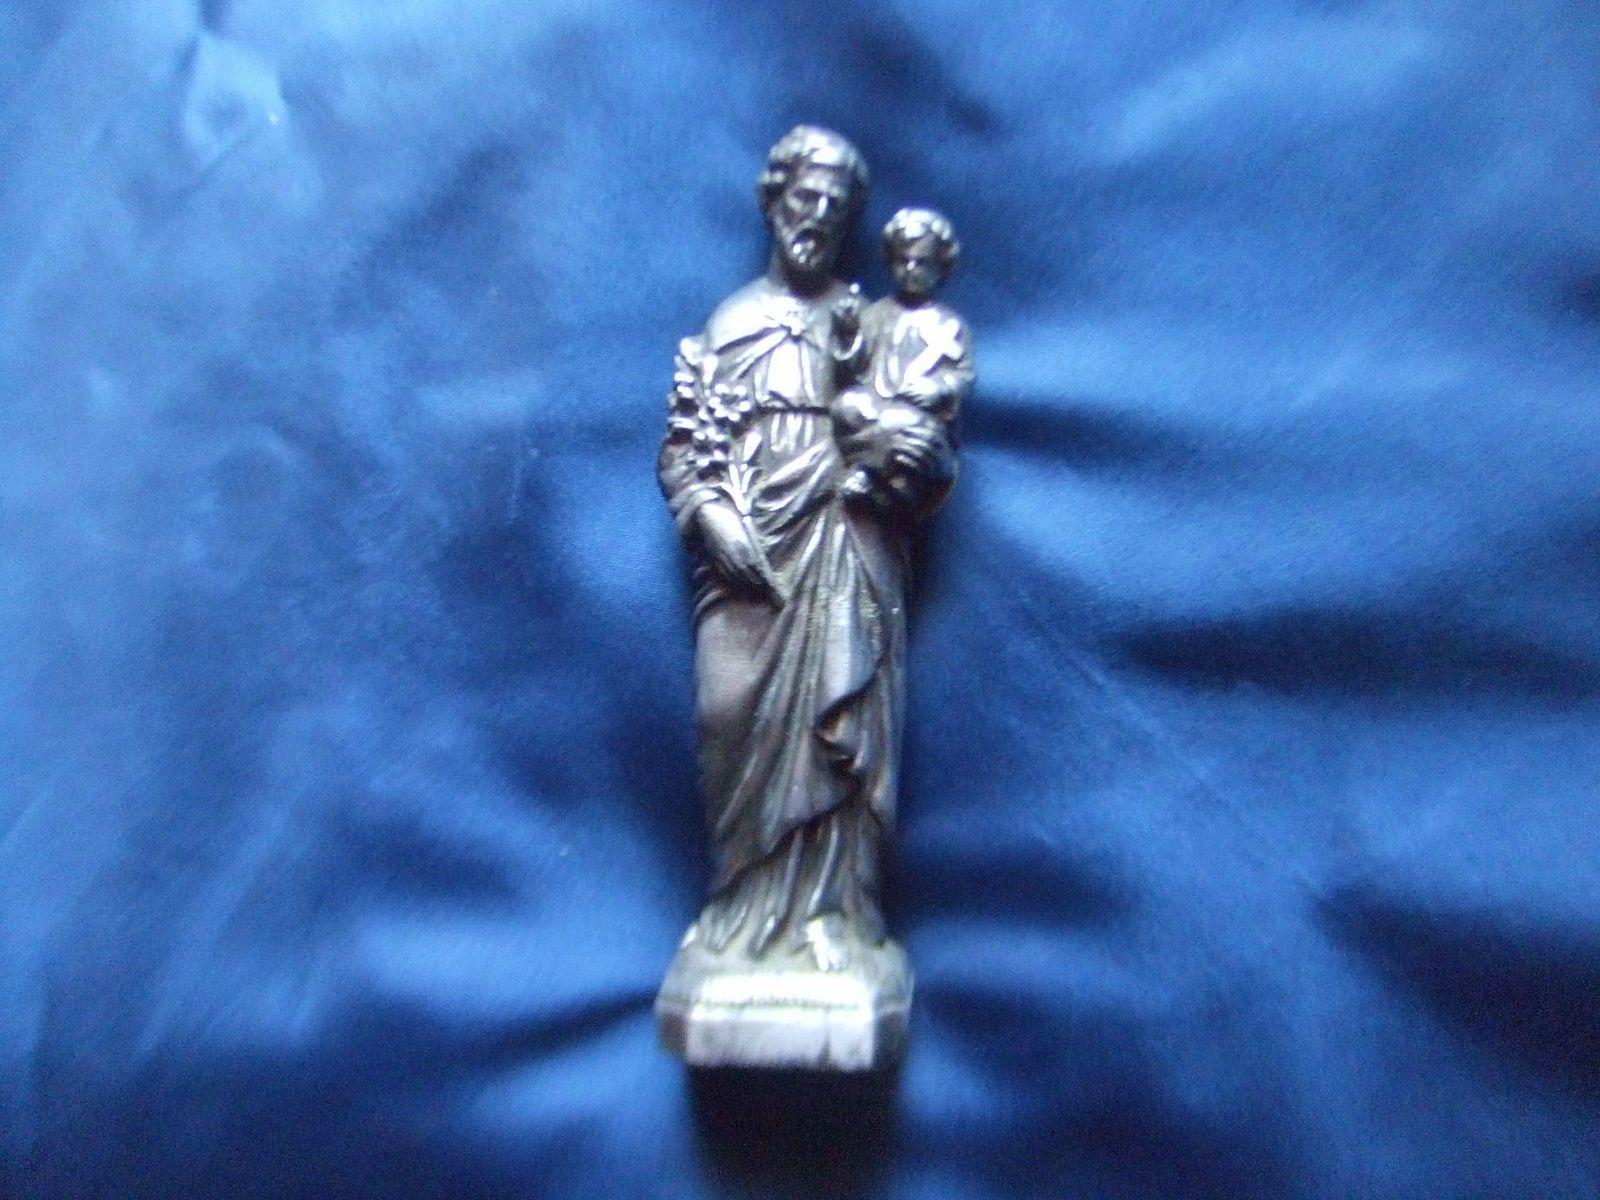 VENDS - statuette ancienne de Saint Joseph